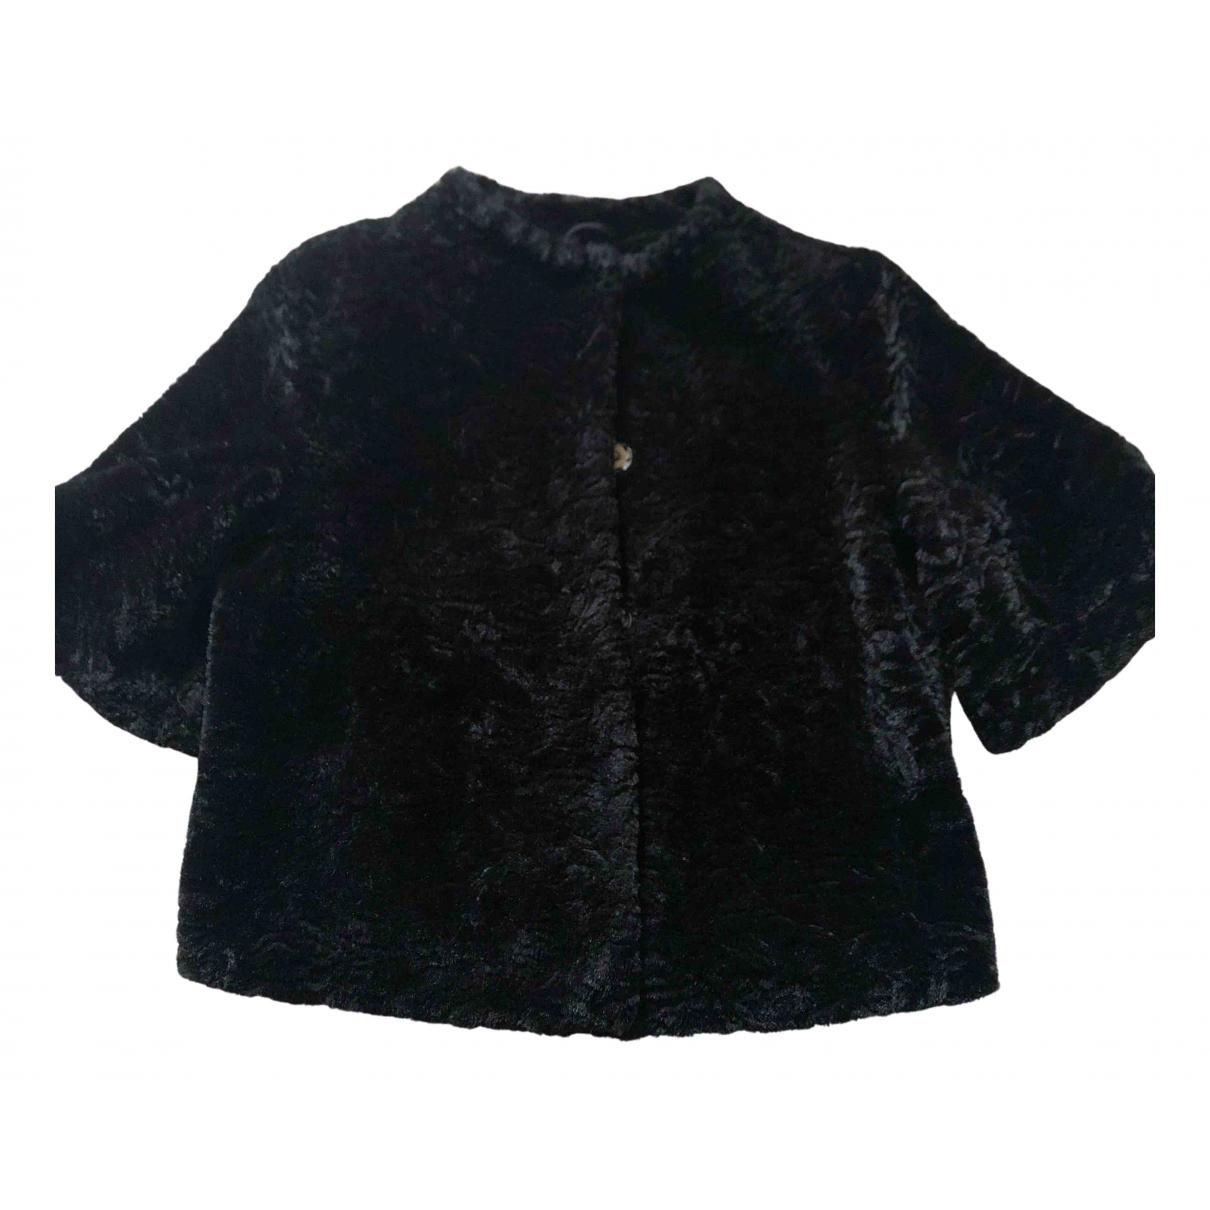 Pinko - Manteau   pour femme en fourrure synthetique - noir